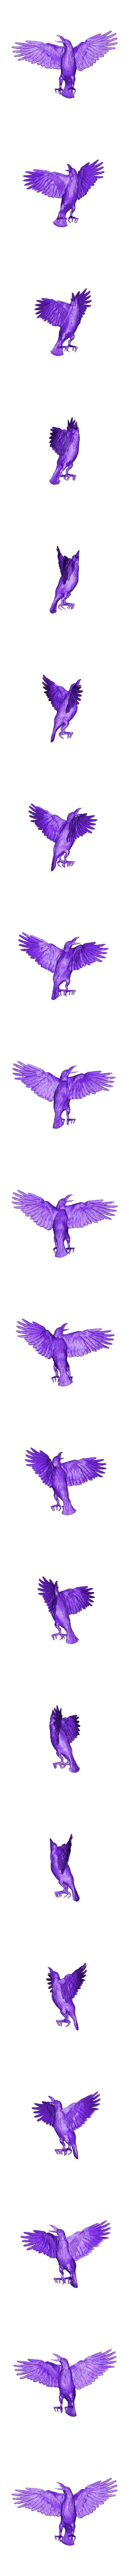 werrwee.stl Télécharger fichier STL gratuit Corbeau • Modèle pour imprimante 3D, quaddalone